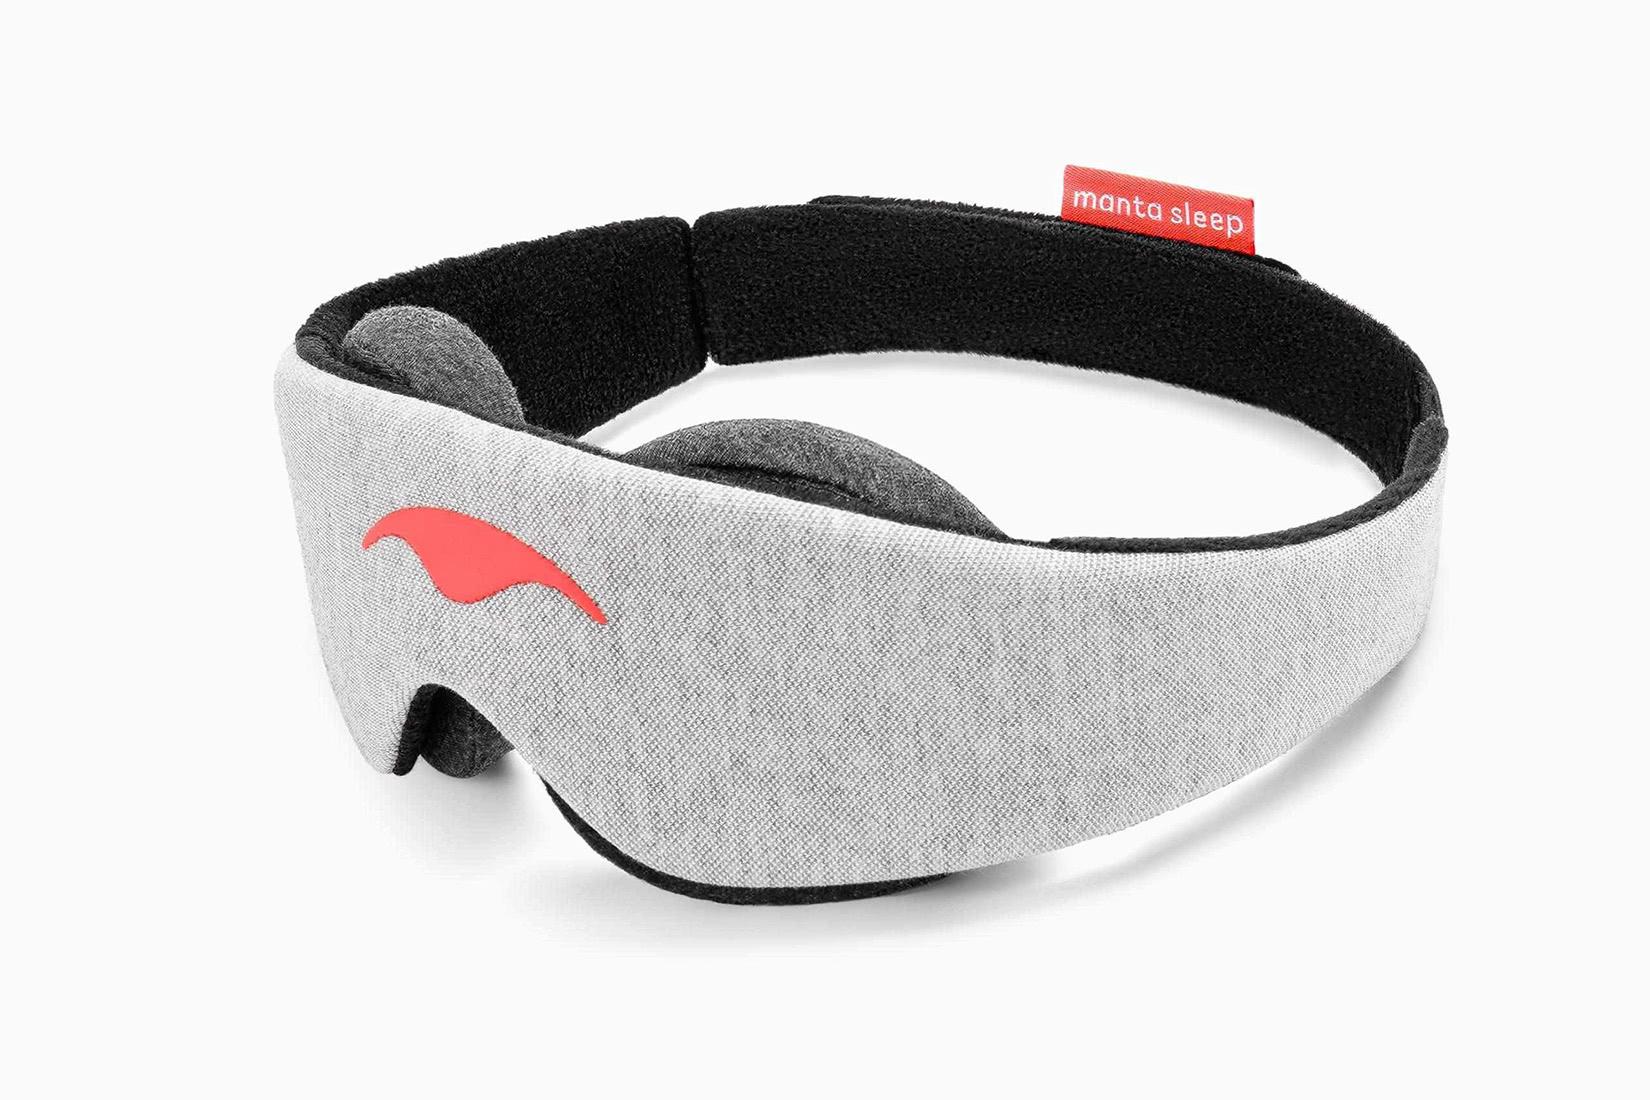 best sleep mask manta - Luxe Digital